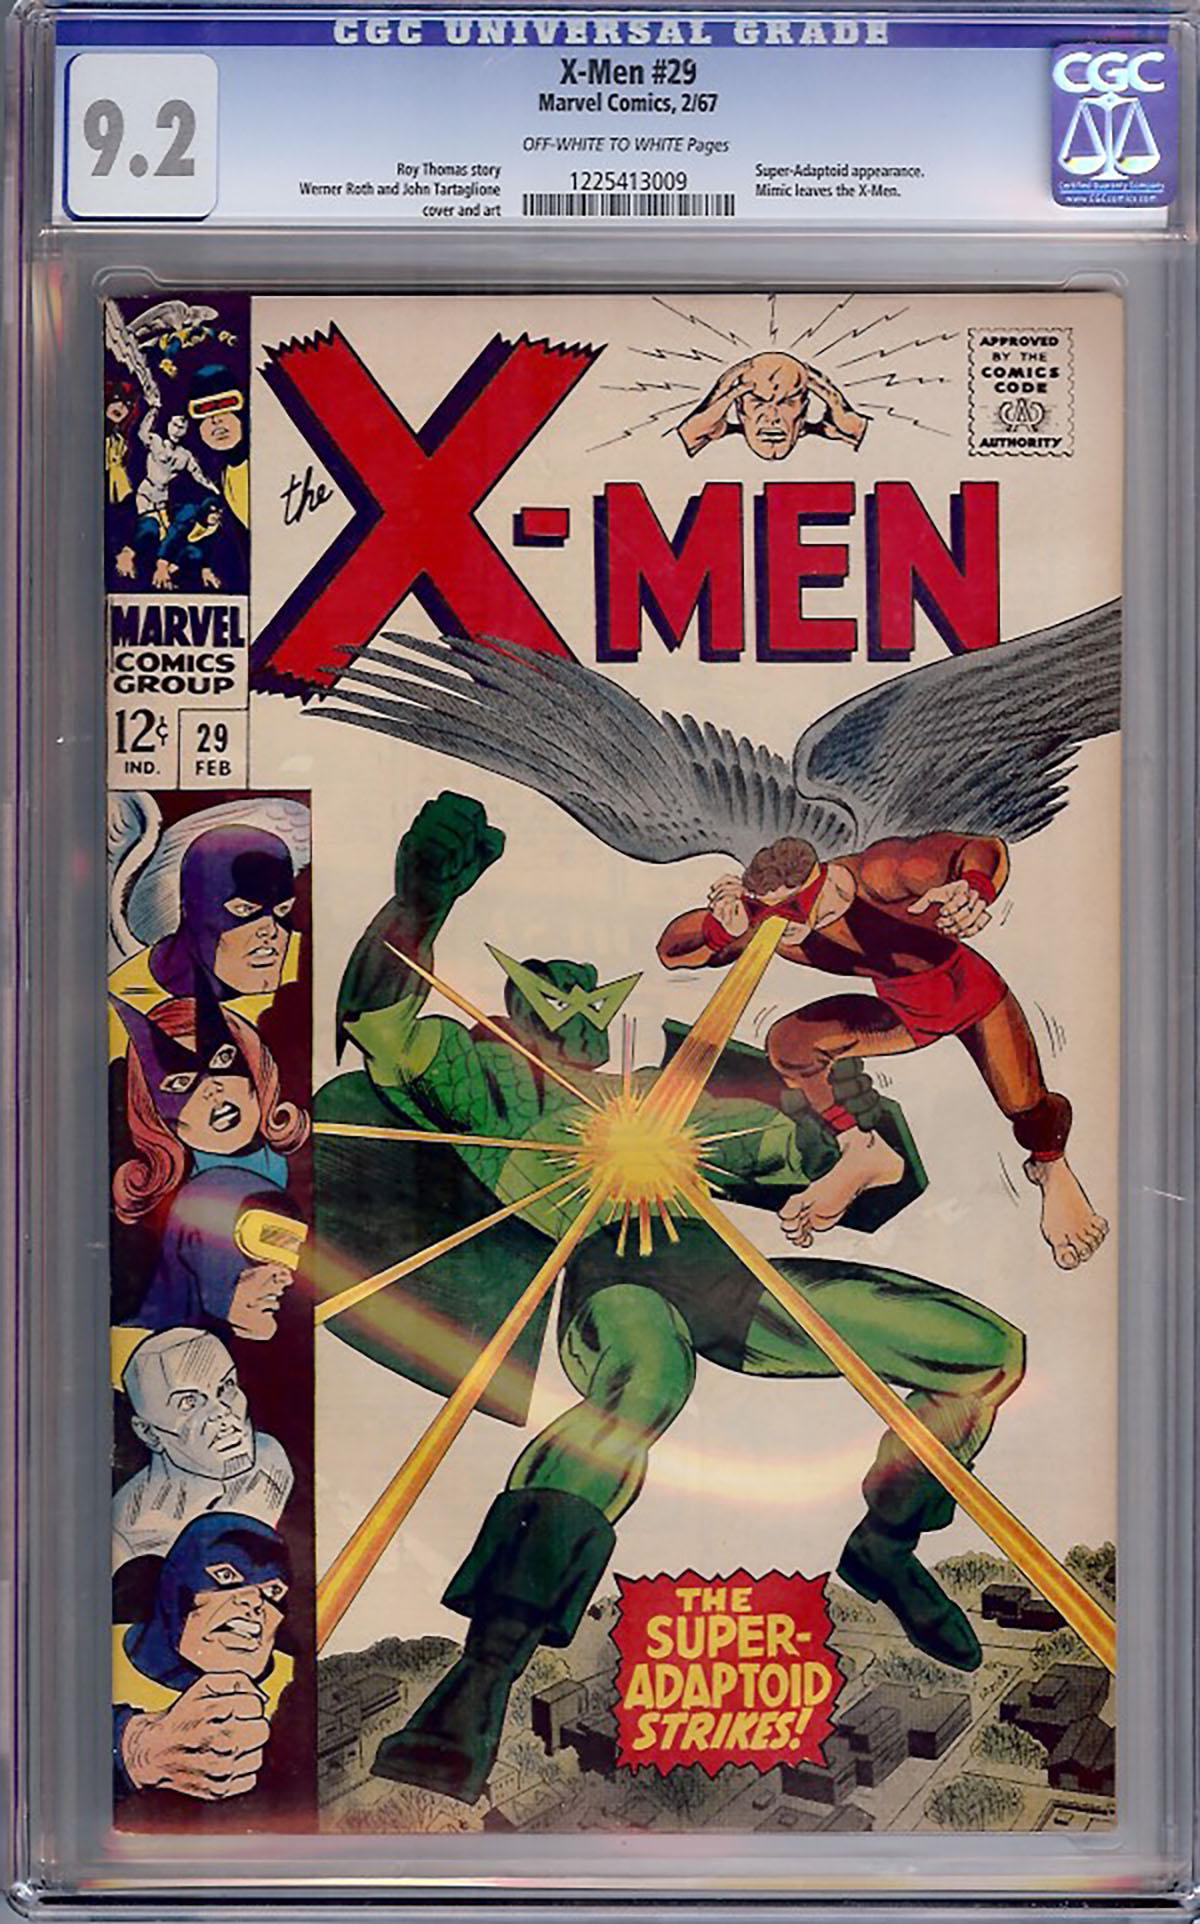 X-Men #29 CGC 9.2 ow/w